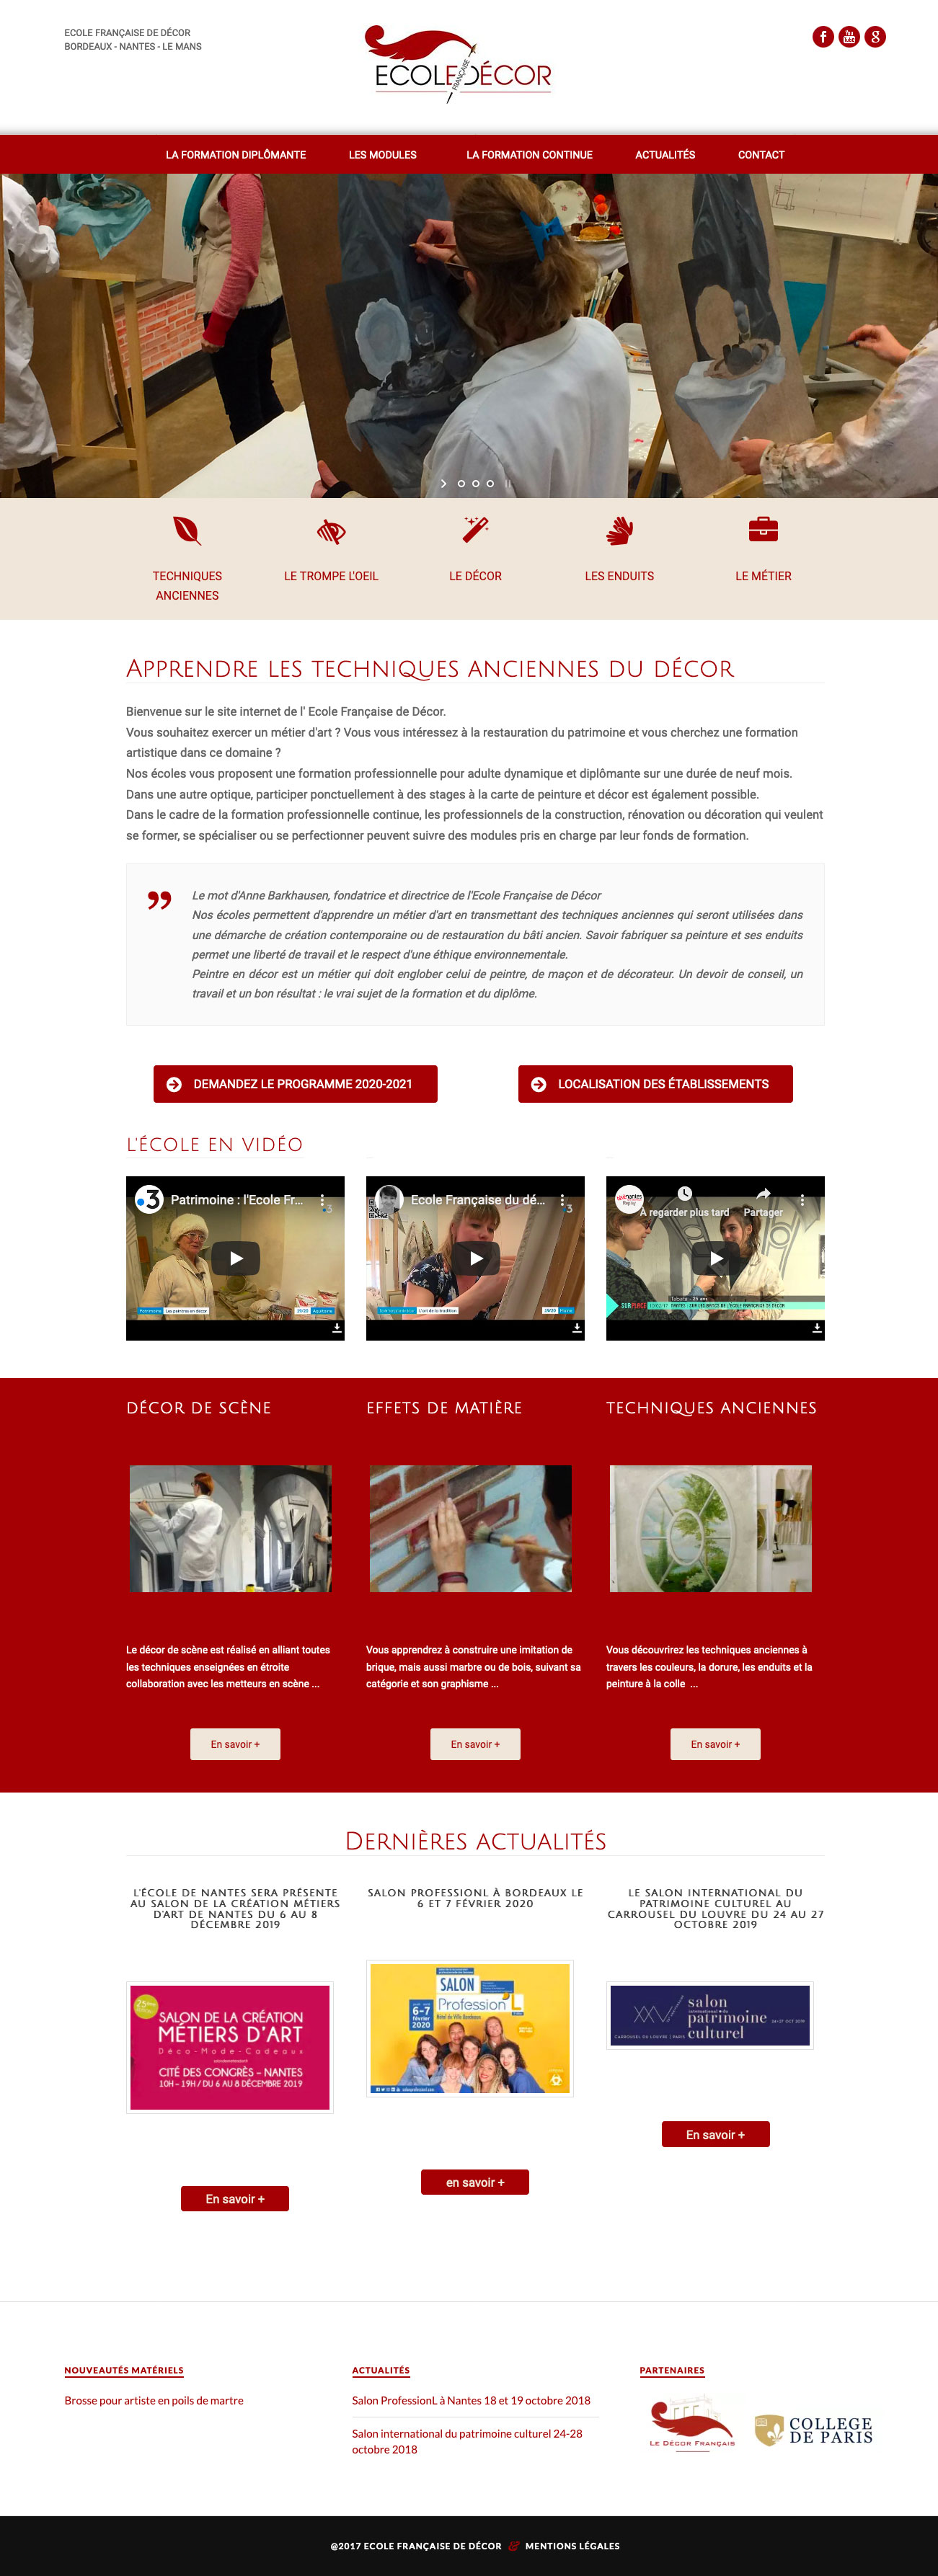 Site Internet Ecole Française de Décor